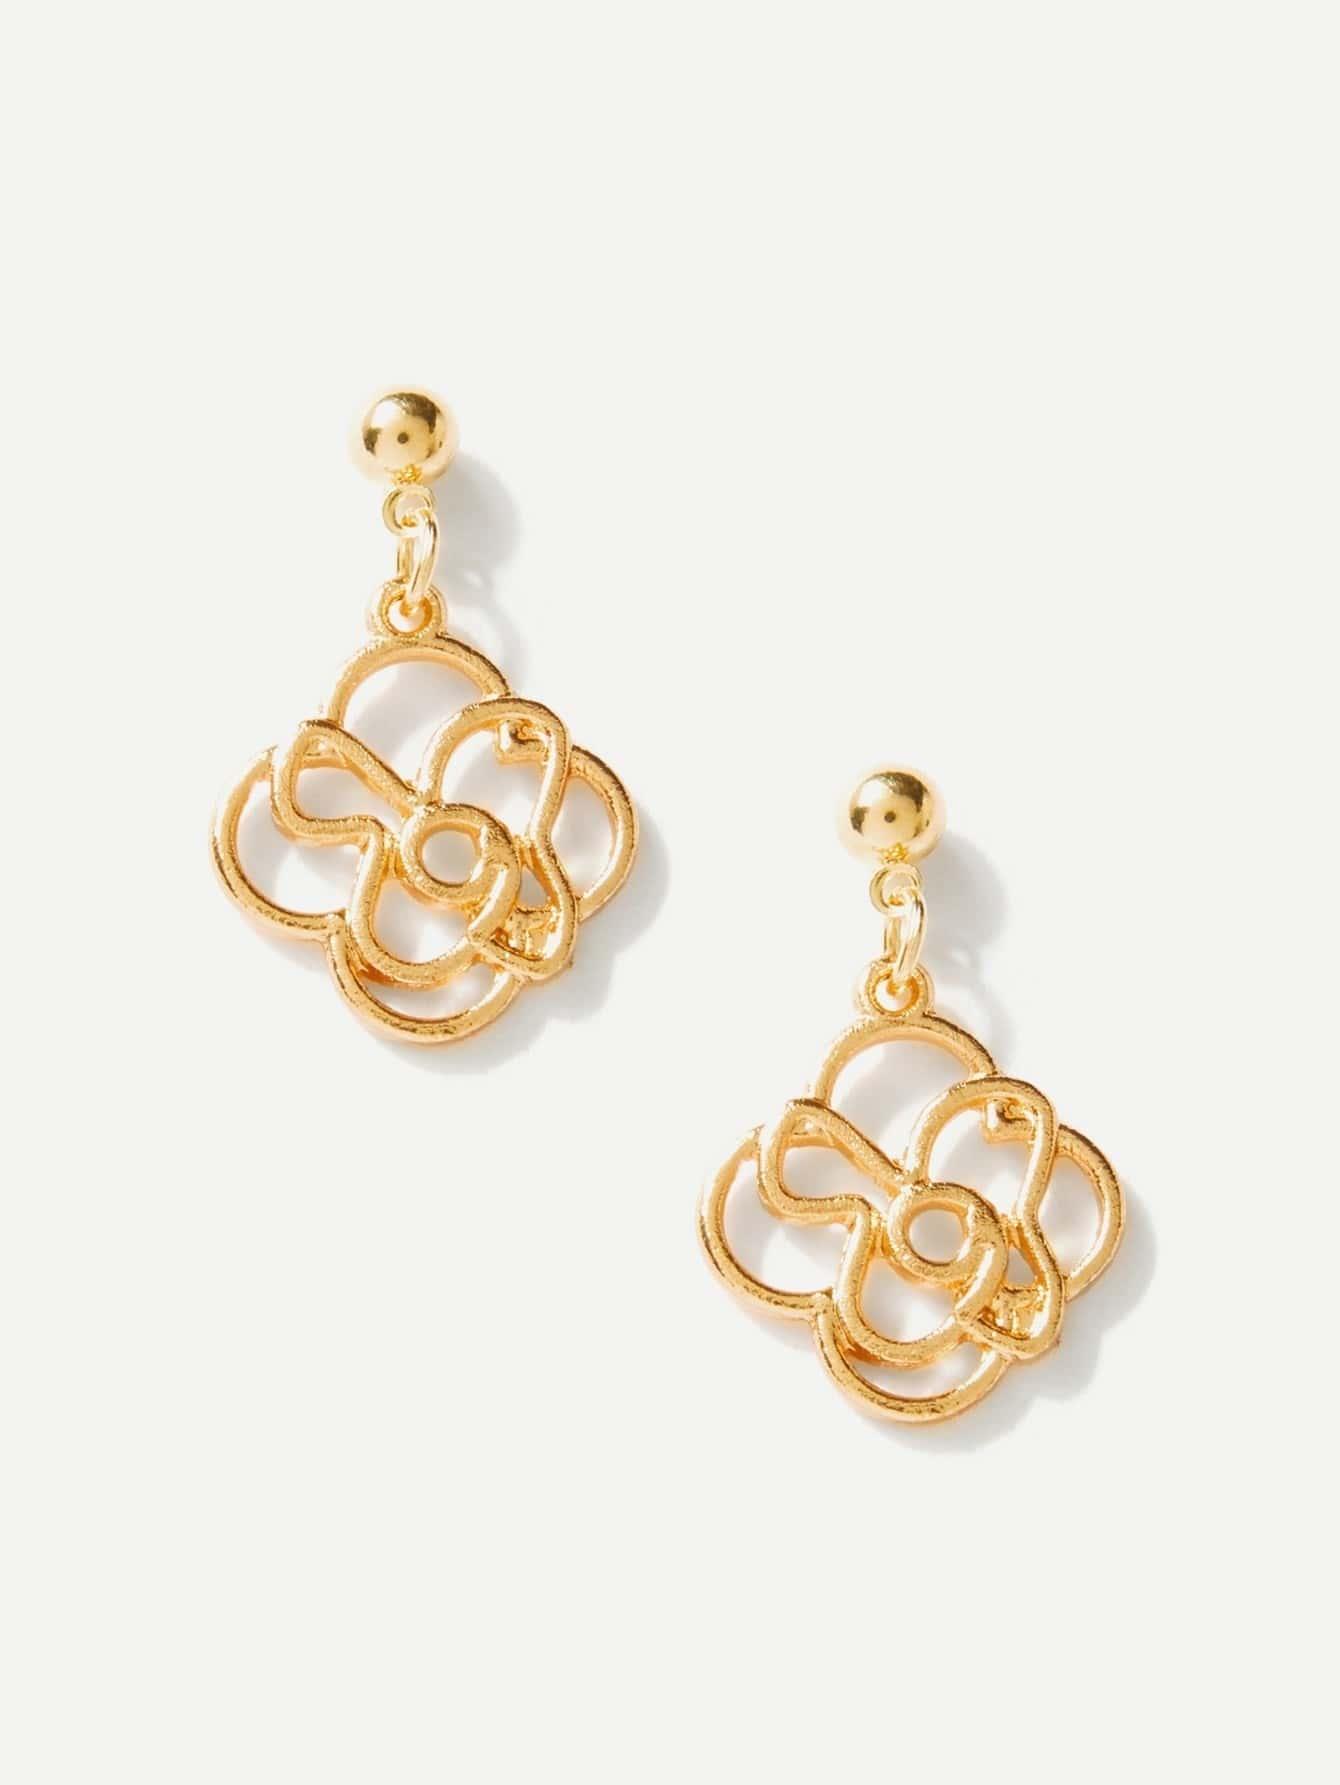 Hollow Flower Design Drop Earrings two tone hollow face design drop earrings